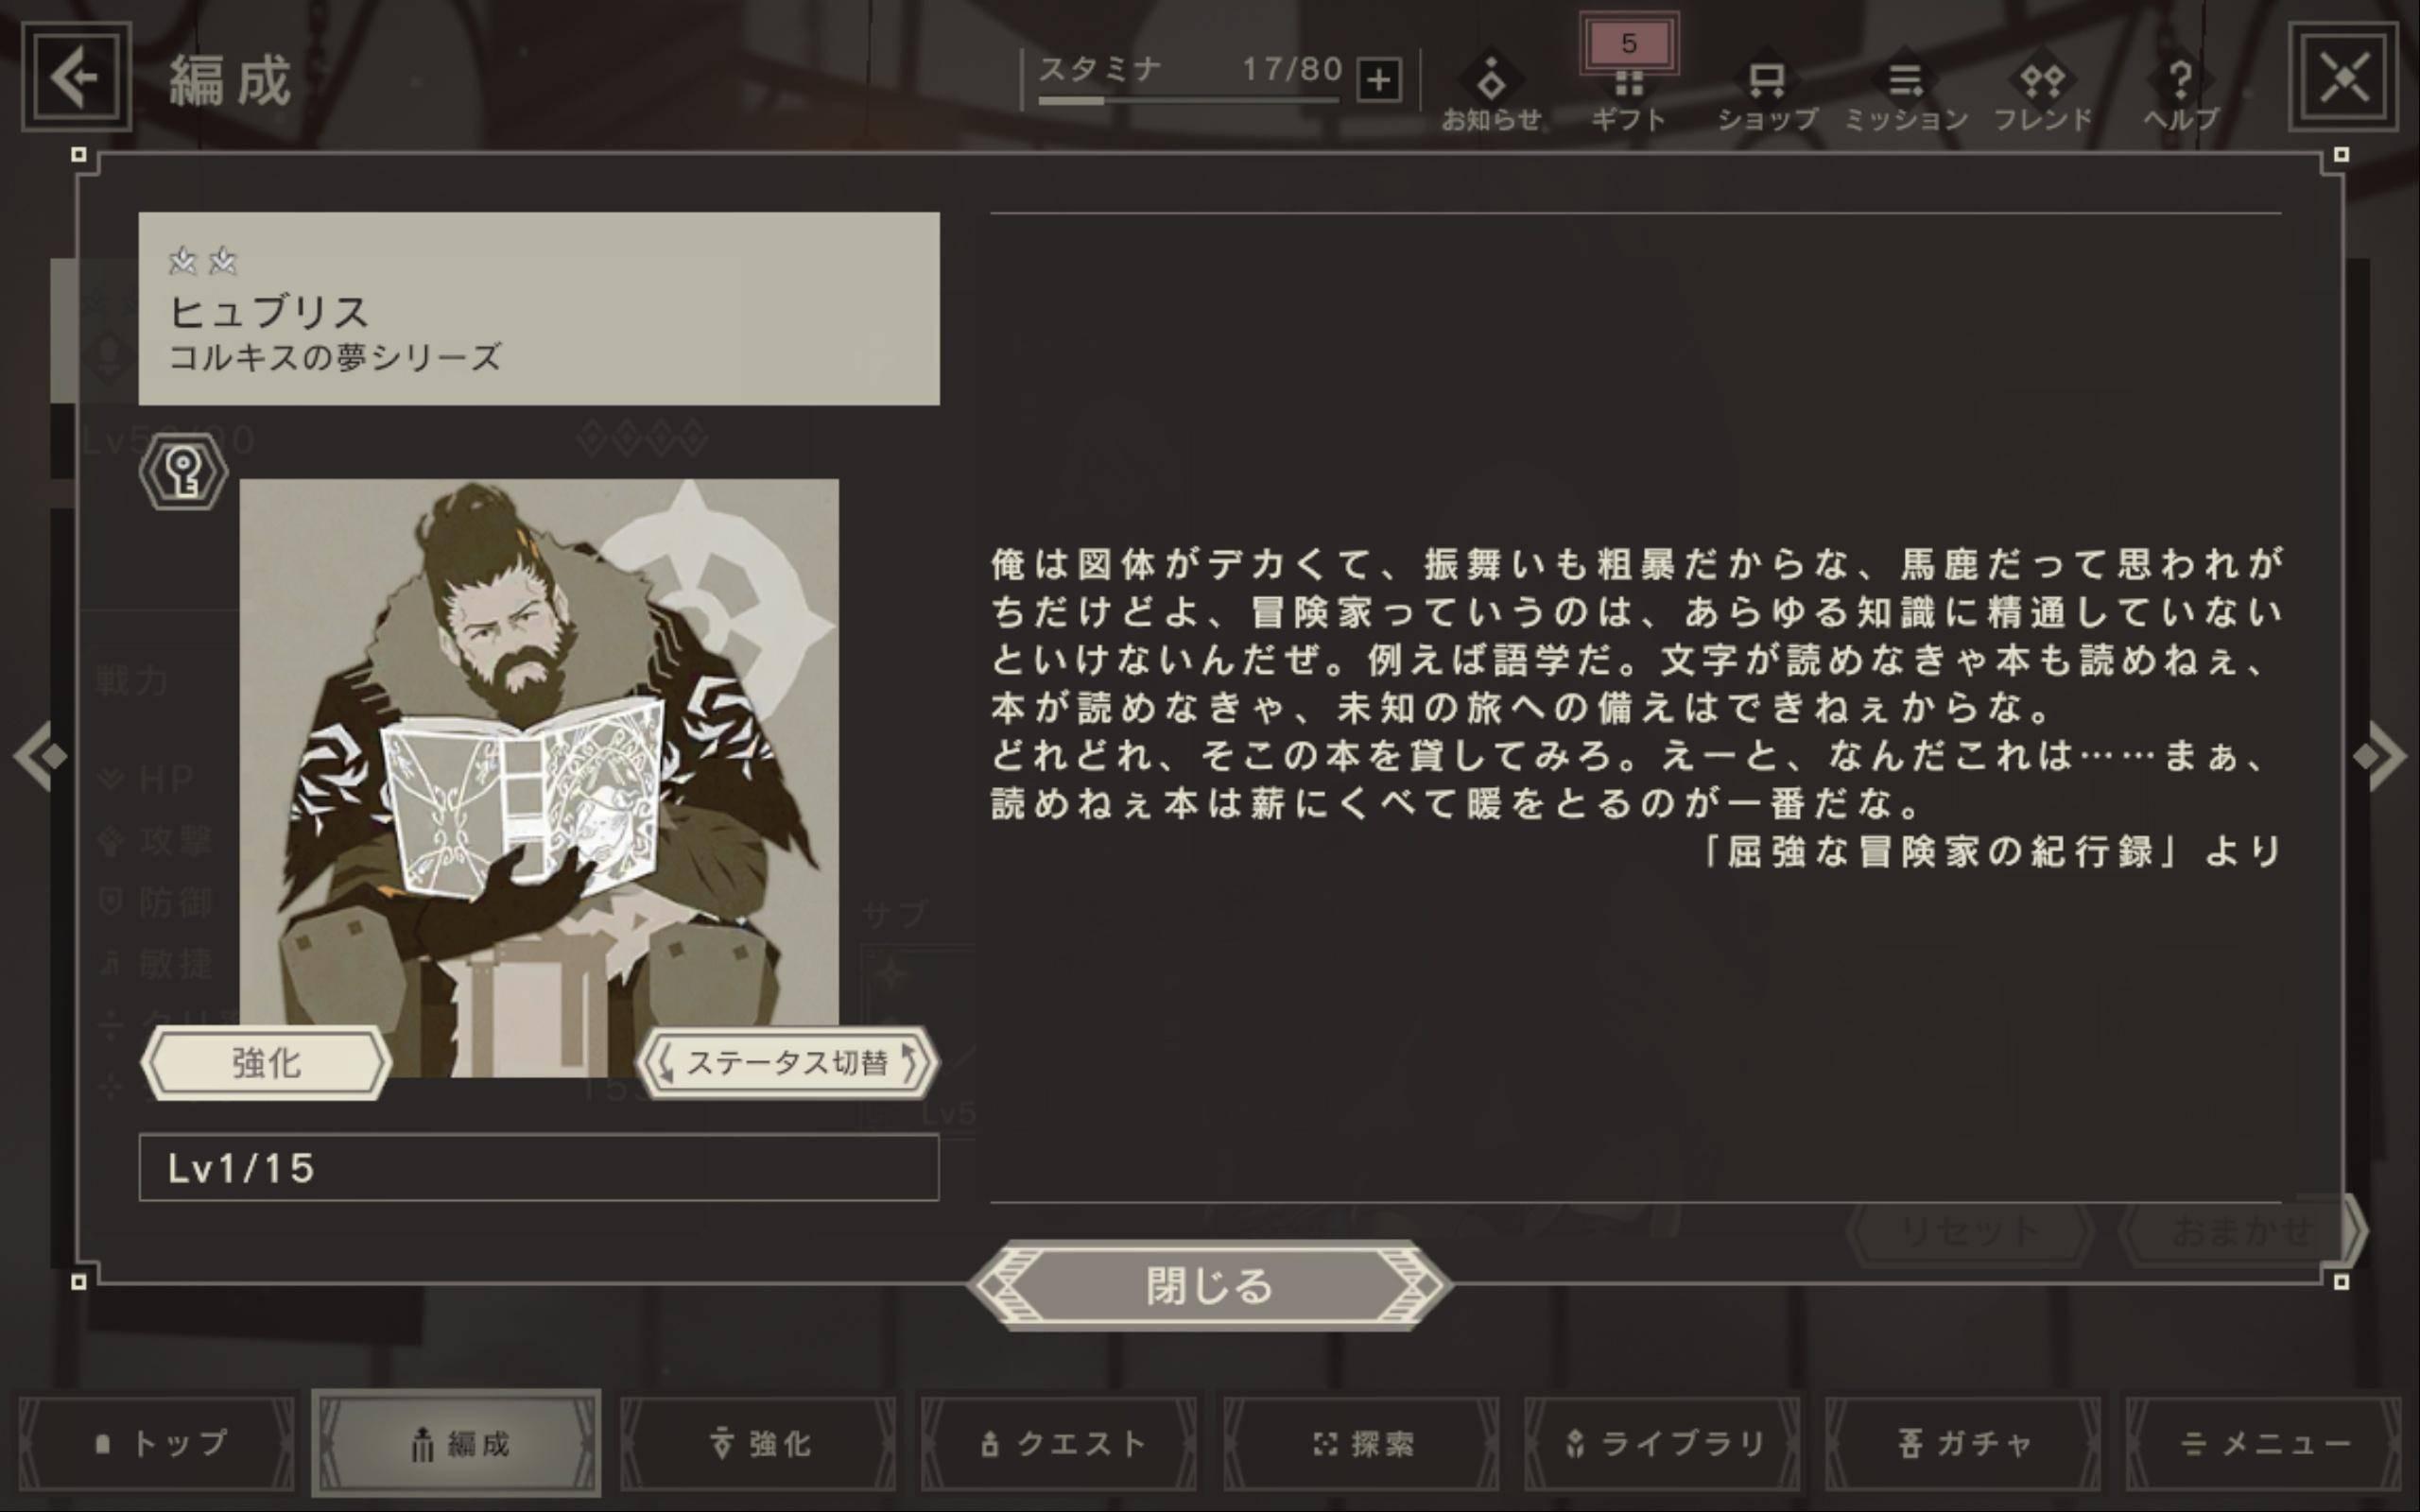 【リィンカネ】滑落おじとかいうネタキャラ